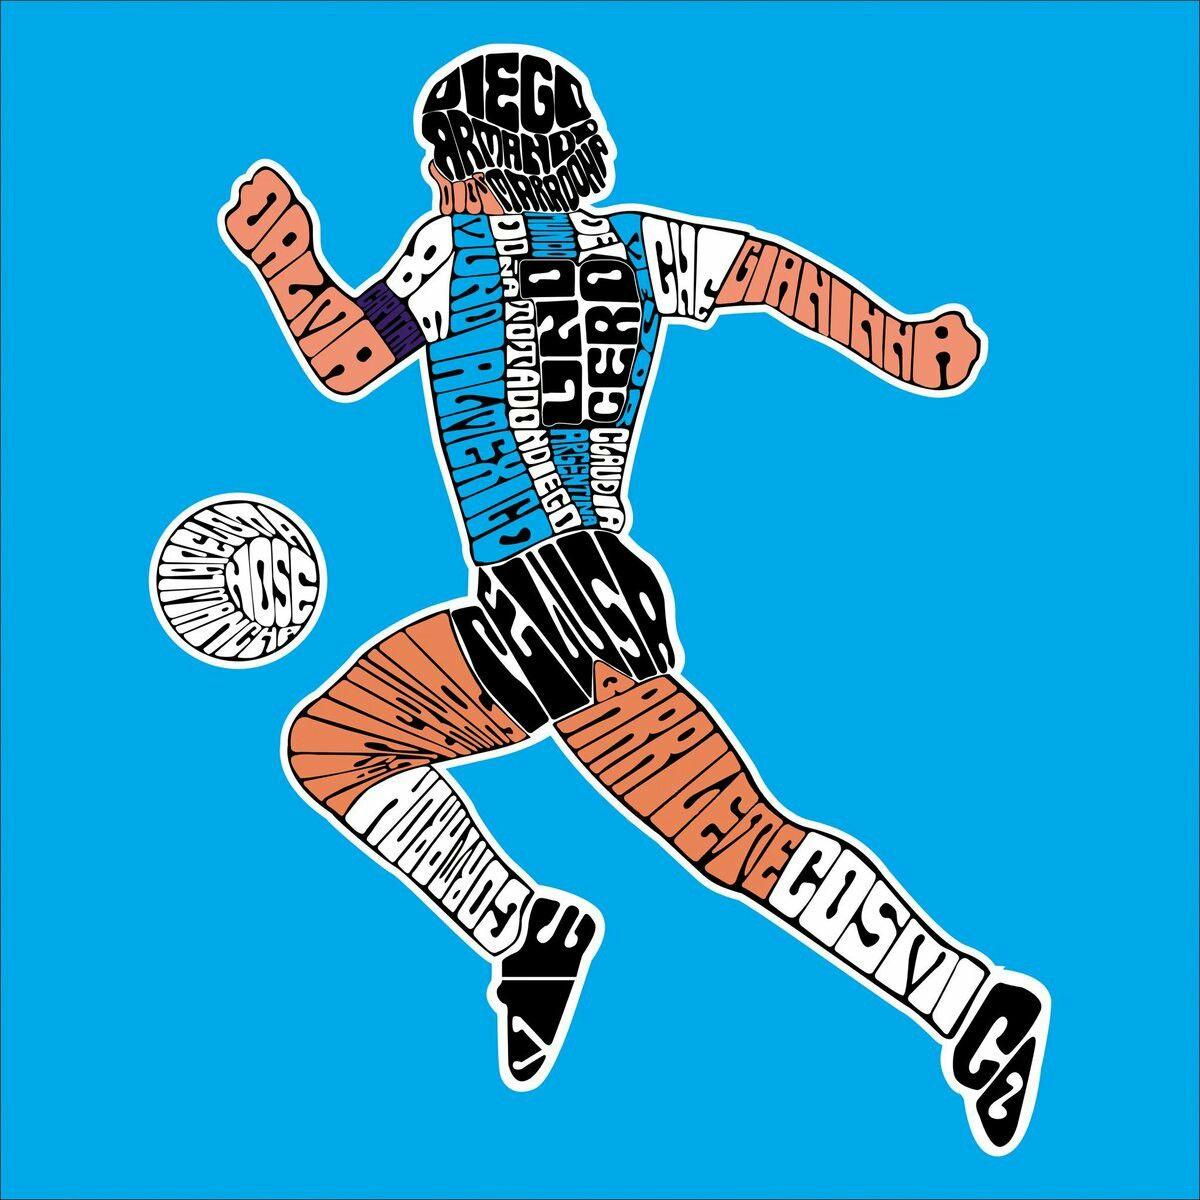 Arte Maradona Dibujado Con Letras Con Palabras Que Lo Hacen Grande Diego Maradona Futbol Argentino Póster De Fútbol